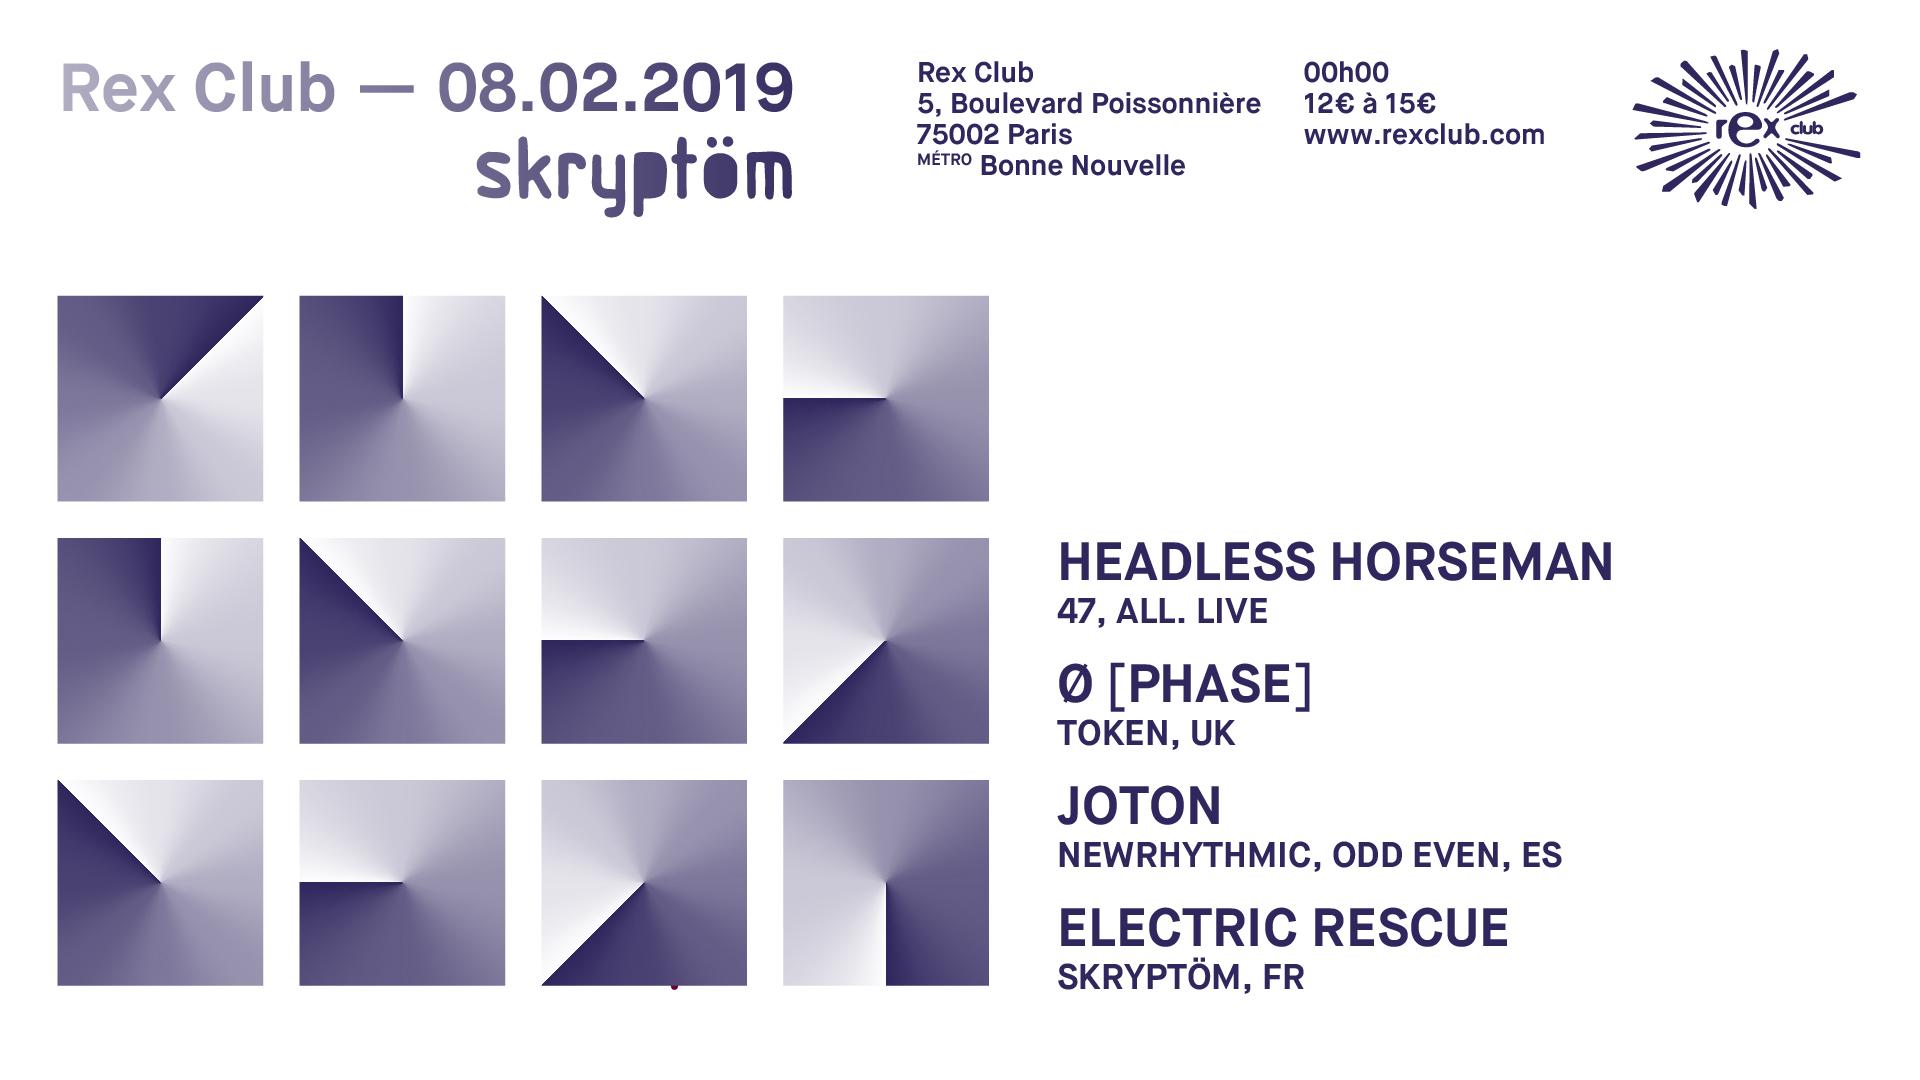 Skryptom: Headless Horseman, Ø [PHASE], Joton, Electric Rescue